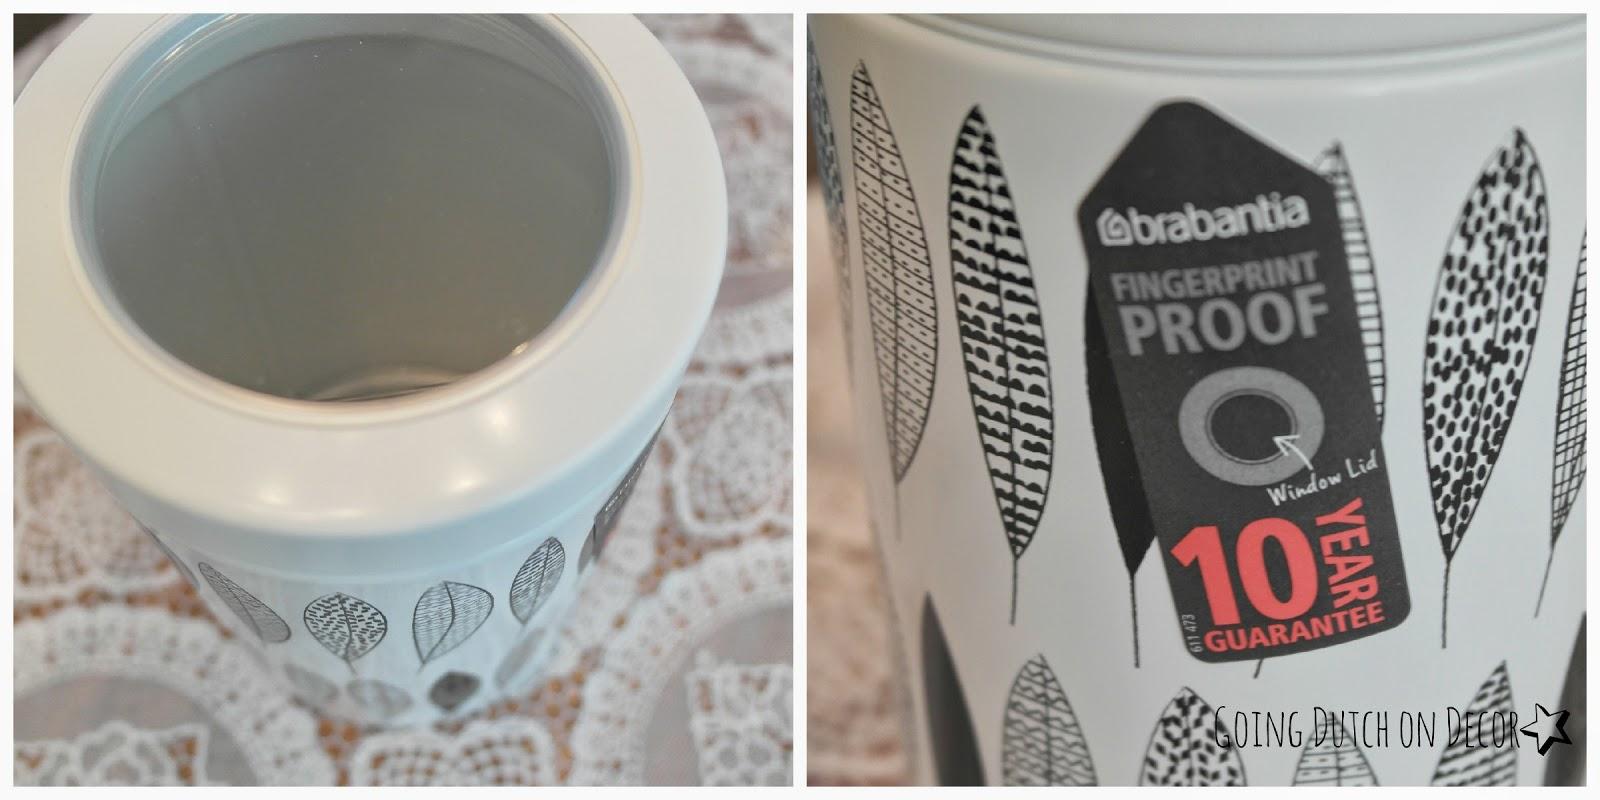 vensterdeksel Brabantia fingerprint proof vingerafdruk